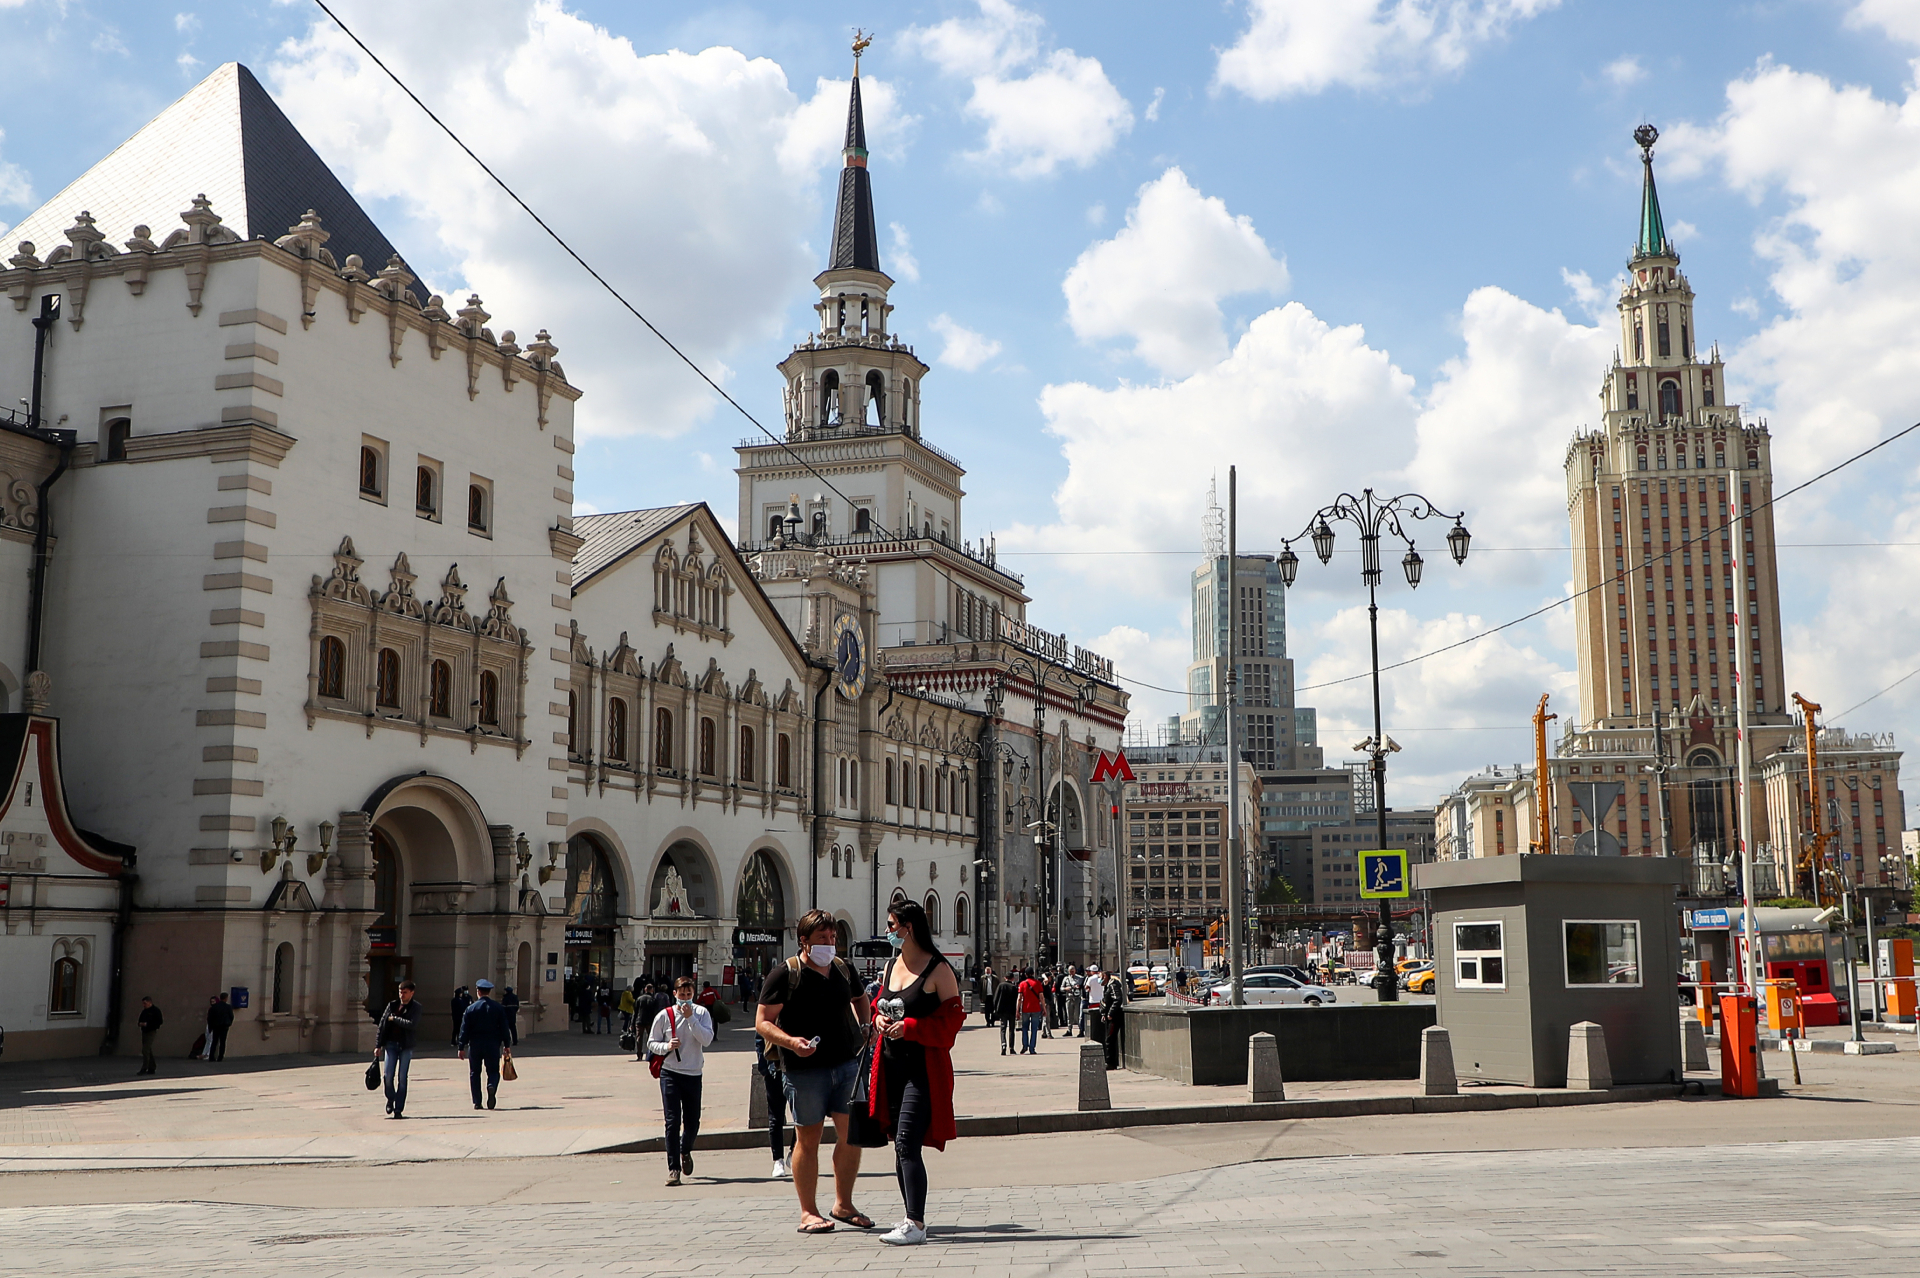 Жизнь рядом с вокзалом — это шум, суета и постоянные потоки людей